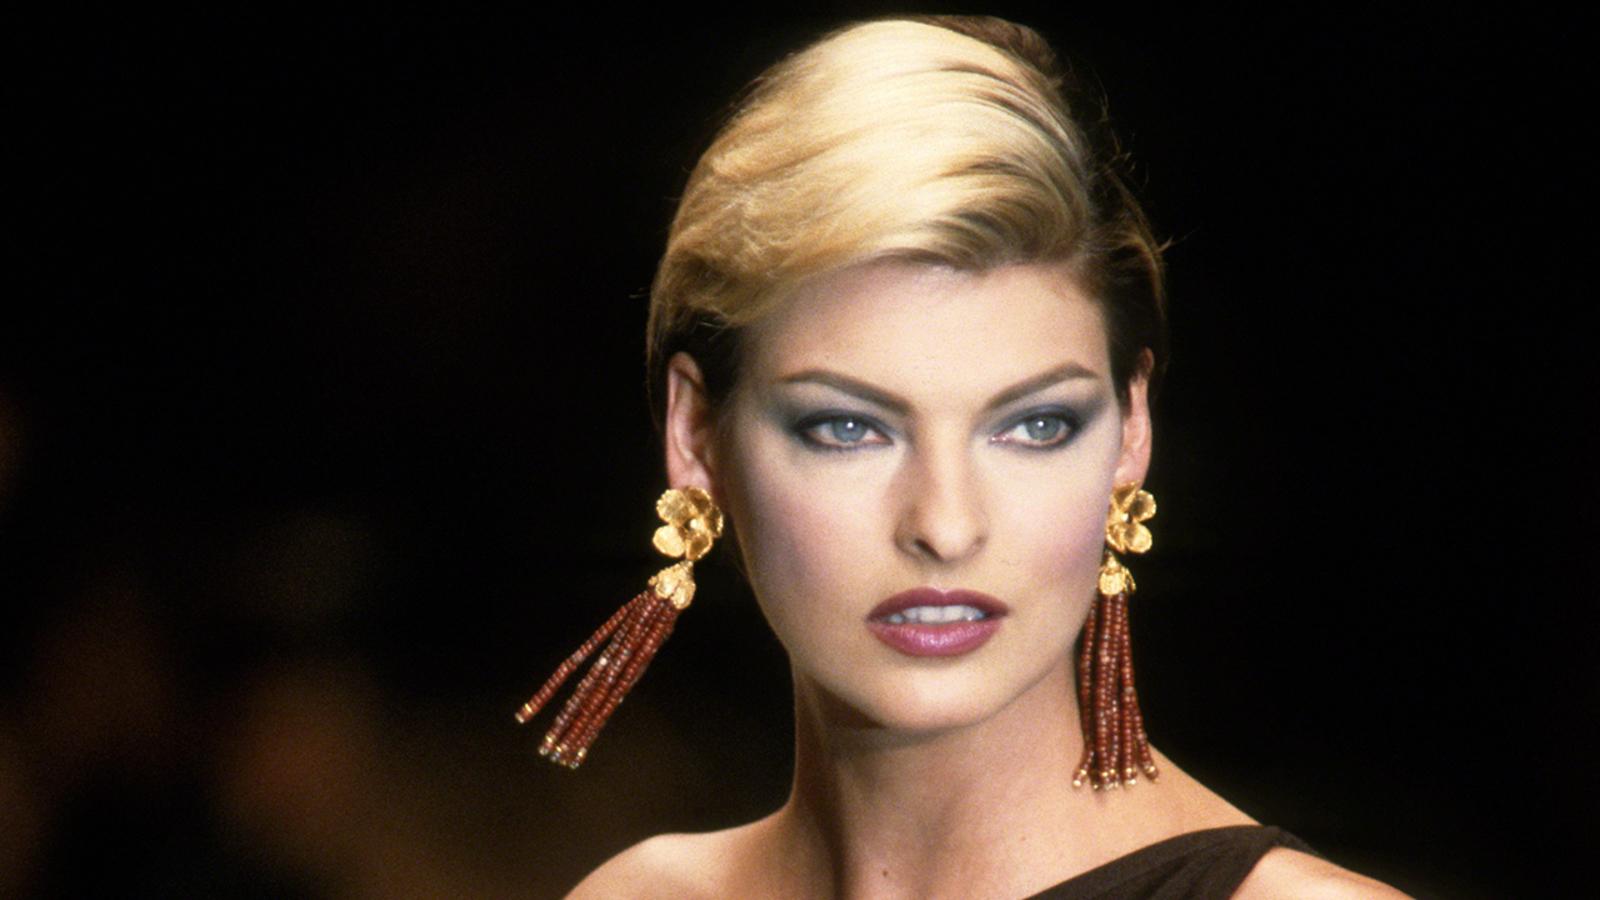 Supermodel Linda Evangelista claims botched CoolSculpting procedure left her 'deformed' in lawsuit - KTRK-TV